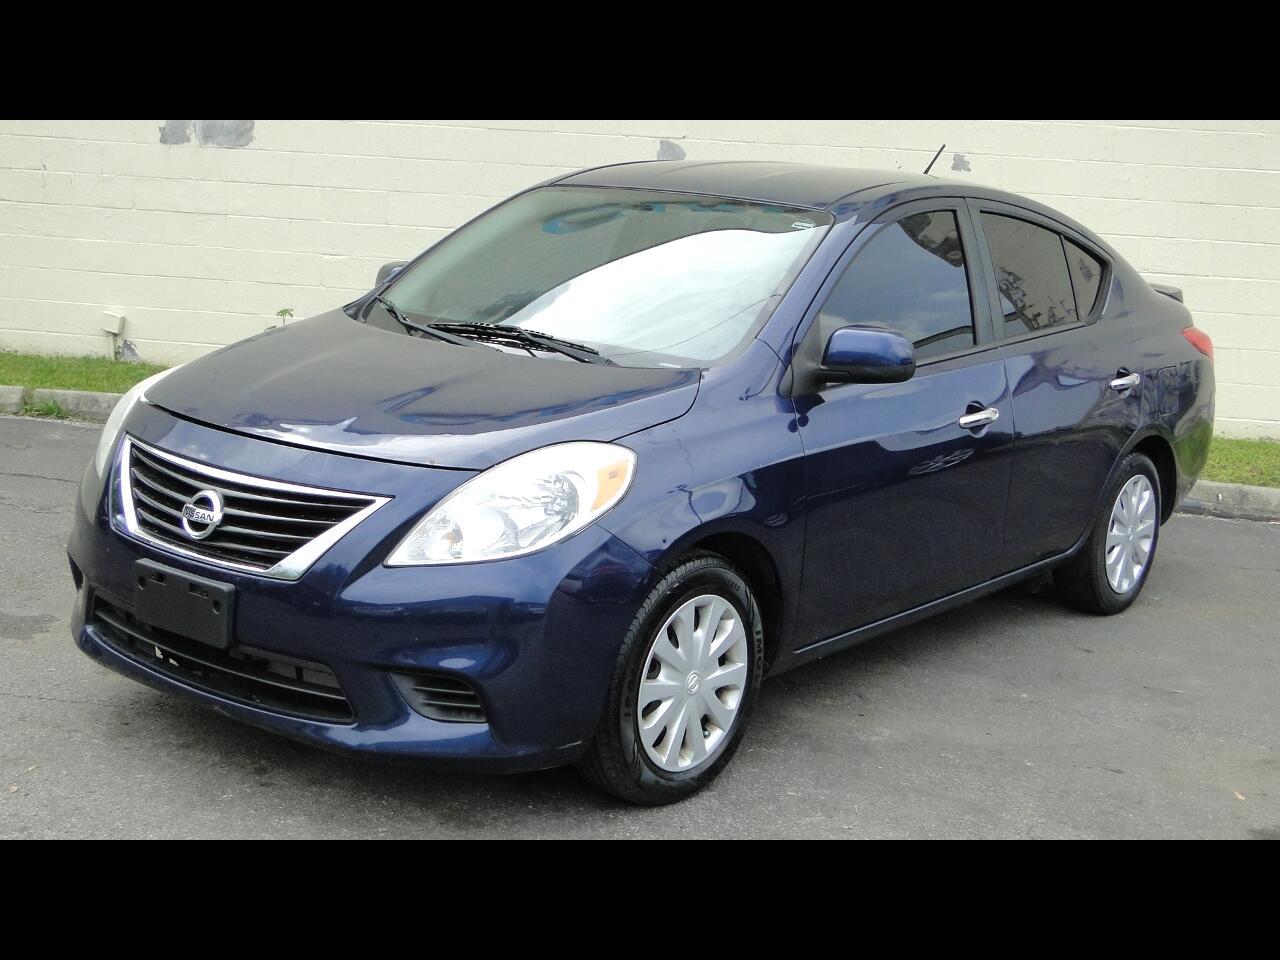 Nissan Versa 1.6 S 4A 2013